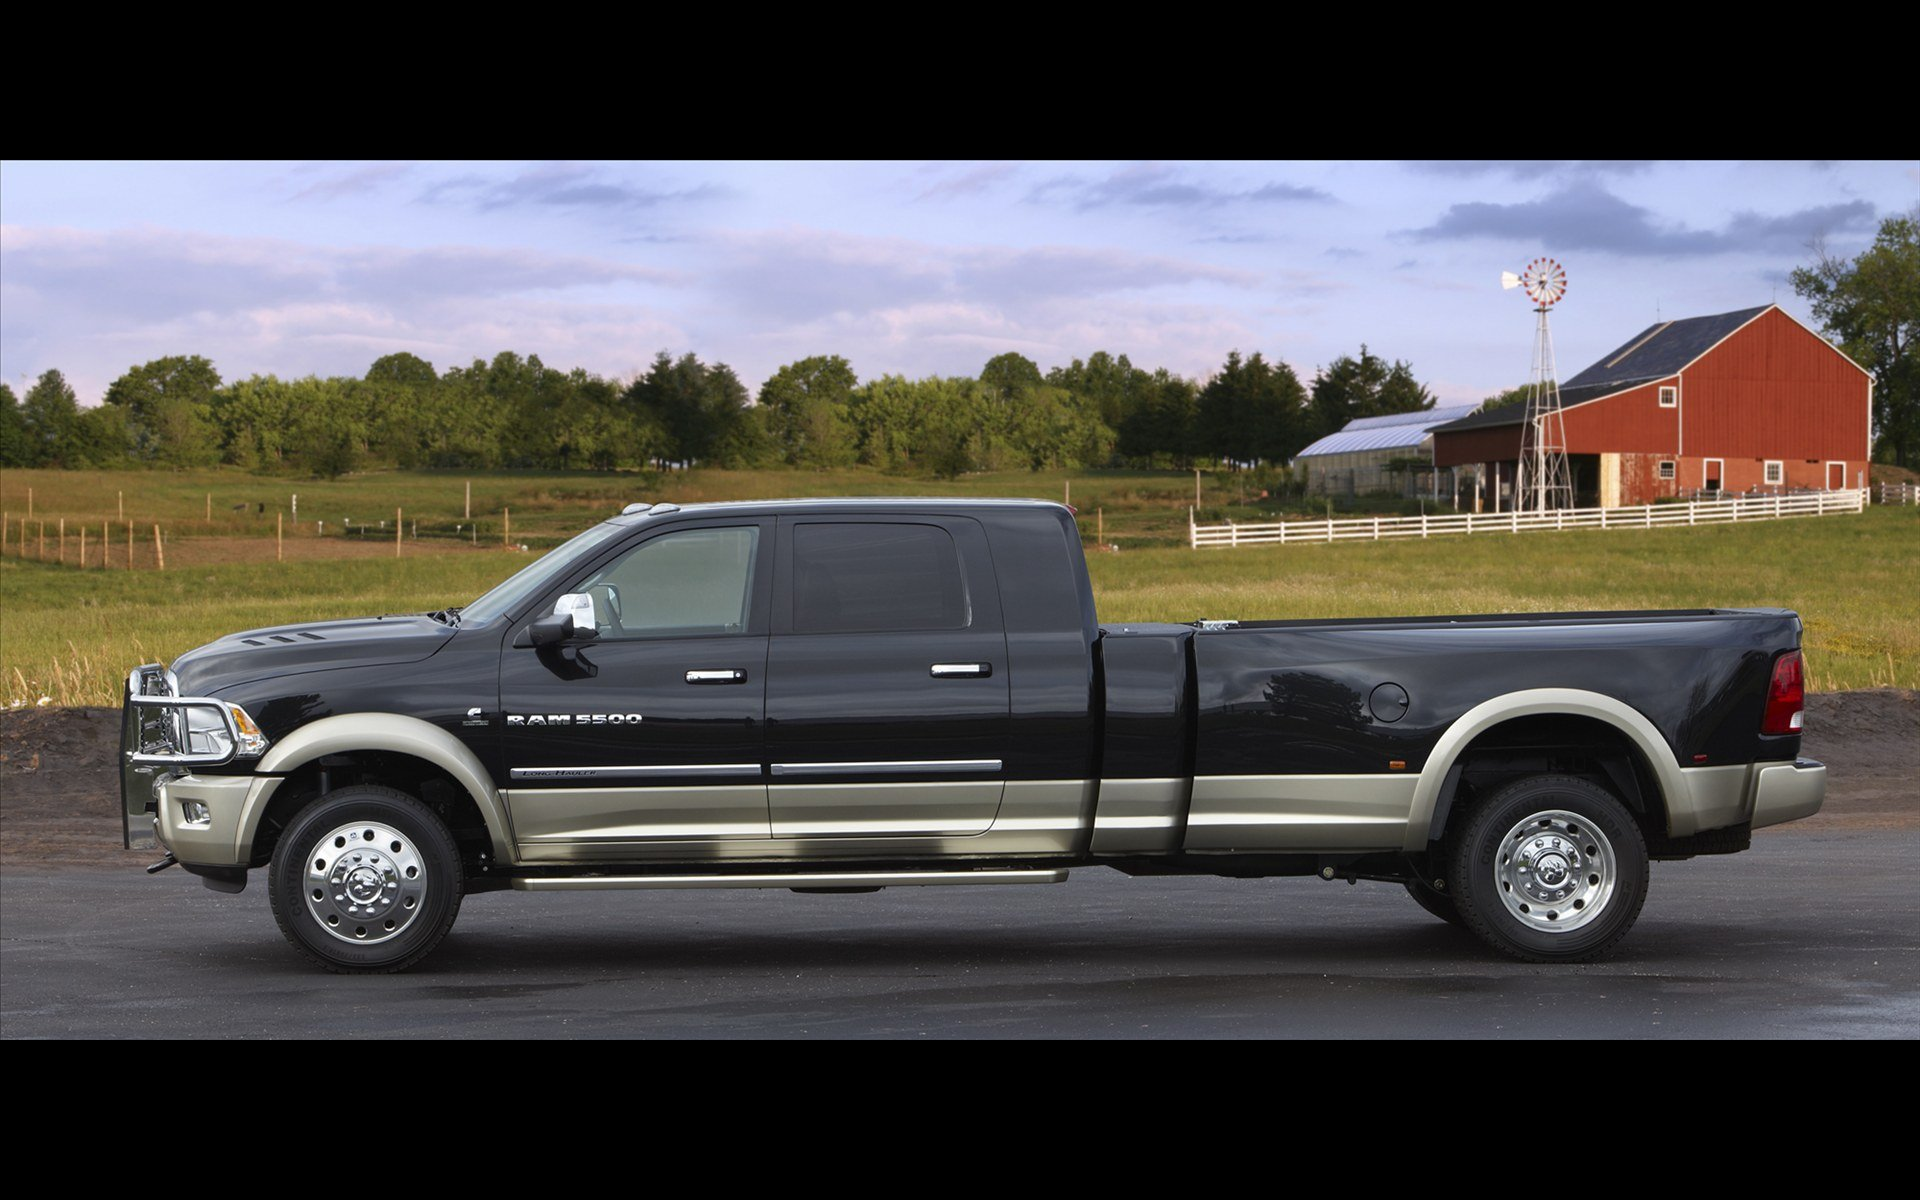 Dodge Ram 5500 Trucks Farm Wallpaper 1920x1200 39477